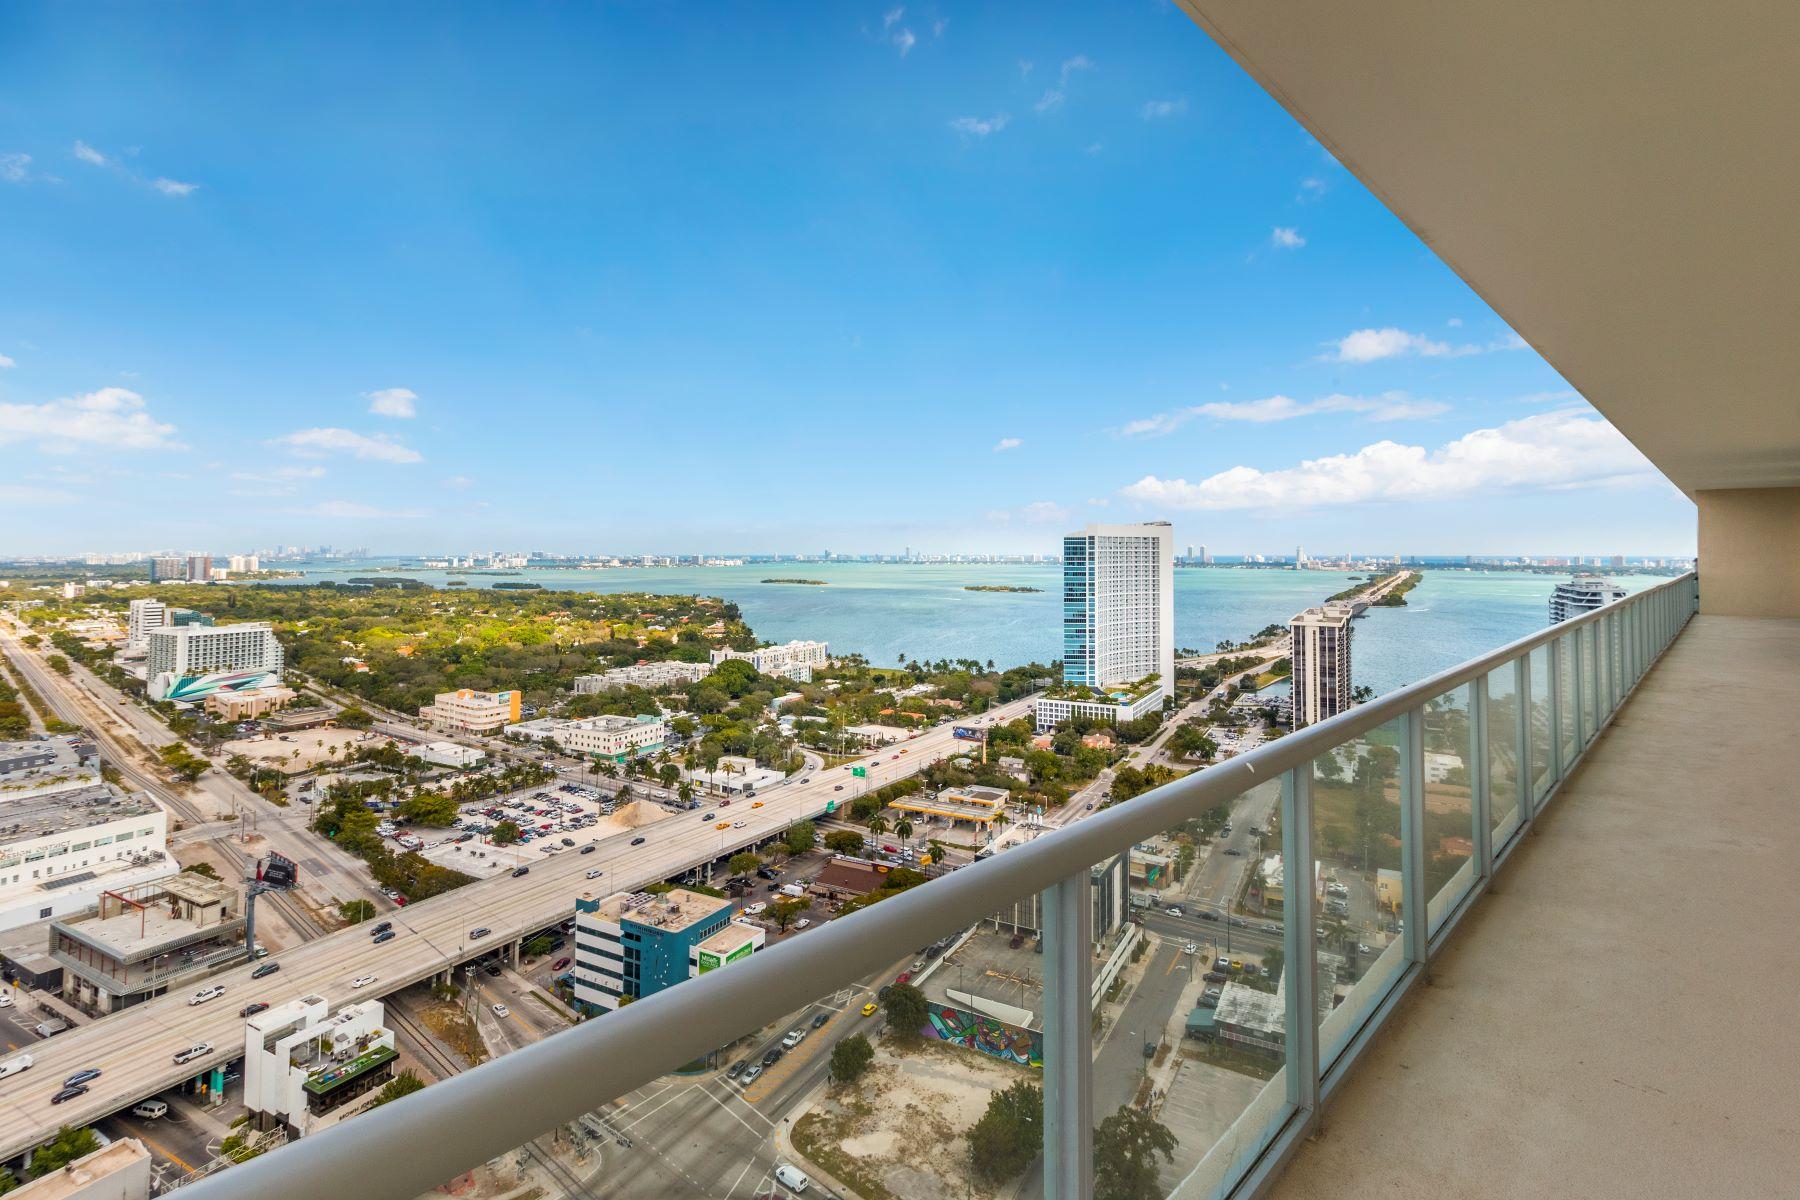 Condominium for Sale at 3470 E Coast Ave 3470 E Coast Ave PH202, Miami, Florida, 33137 United States